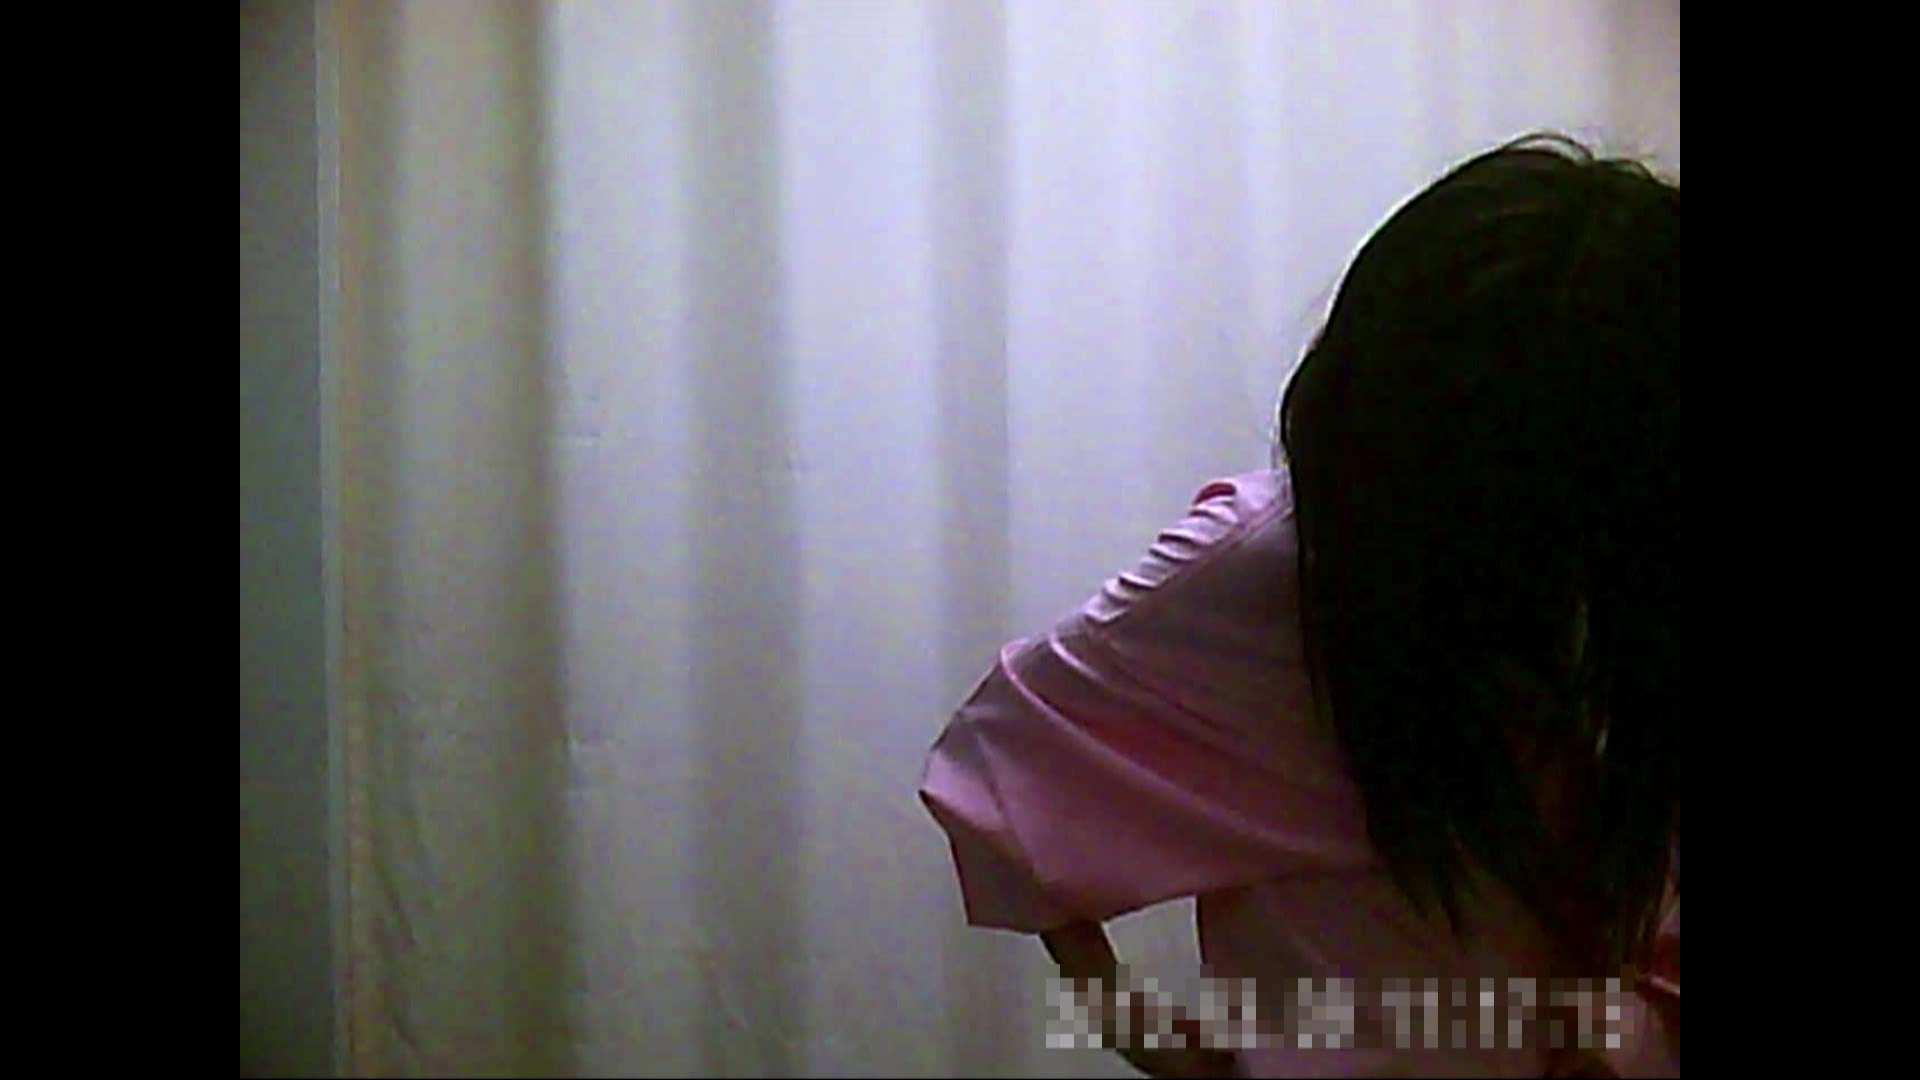 元医者による反抗 更衣室地獄絵巻 vol.099 OLハメ撮り  46Pix 36